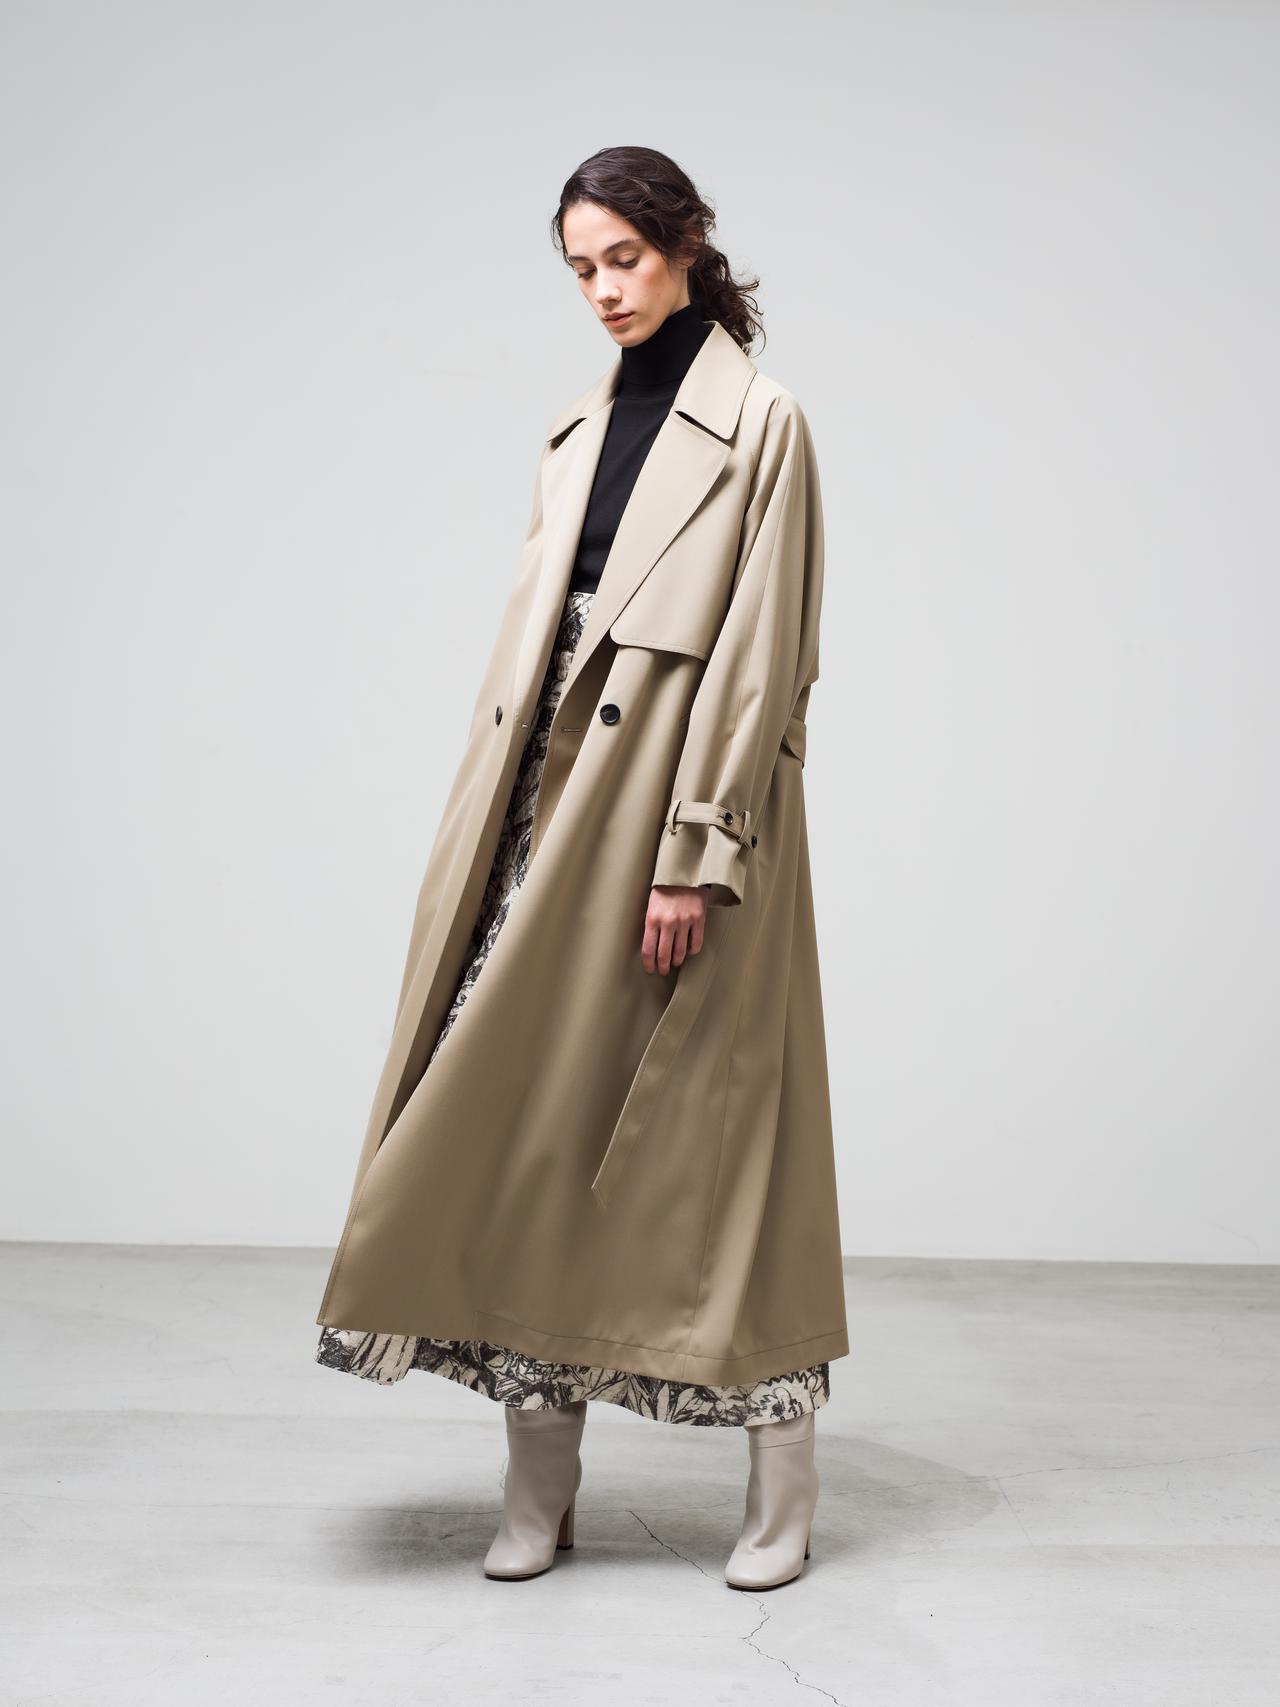 画像: トレンチコート¥121,000、クリアソフトウールニット¥28,600、シュリンクフラワースカート¥121,000(すべて税込) 出典:fashion trend news